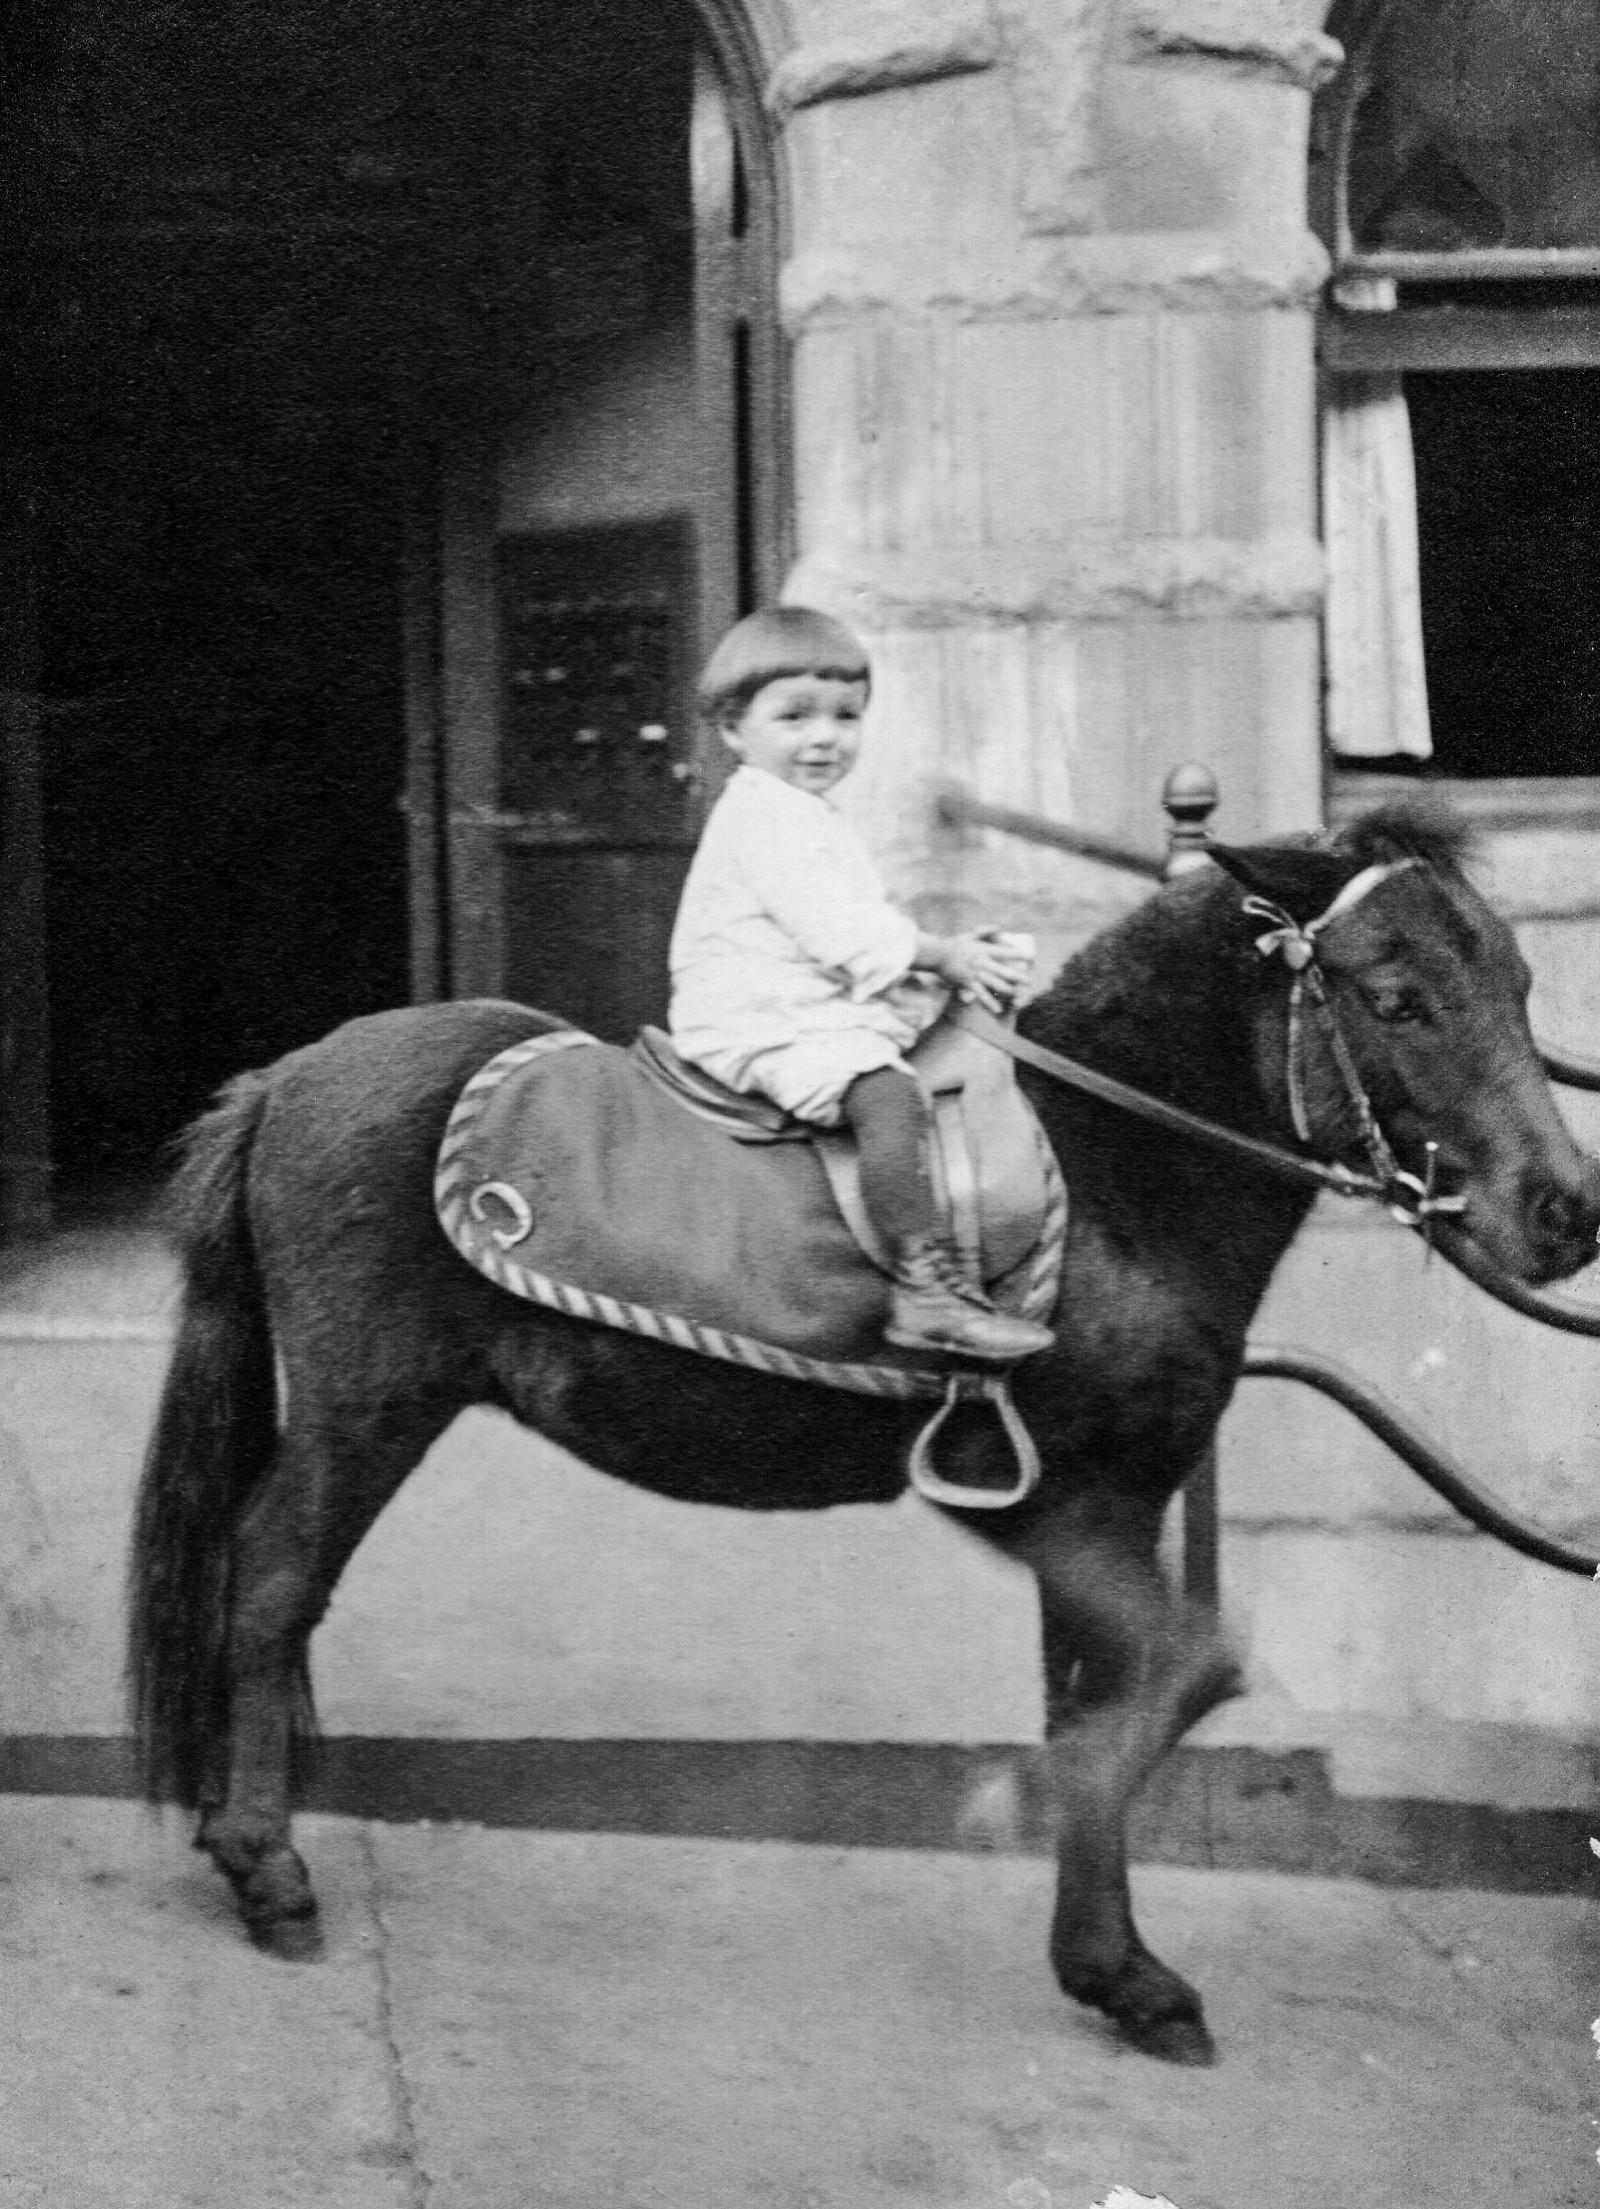 Просматривая семейные фотографии Бенсона, Элис Коллинз Плебух была поражена детской фотографией Филлипа Бенсона налошади. Она задалась вопросом, какую жизнь прожил бы её отец Джим, если бы его воспитали вего биологической семье, семье Бенсонов.